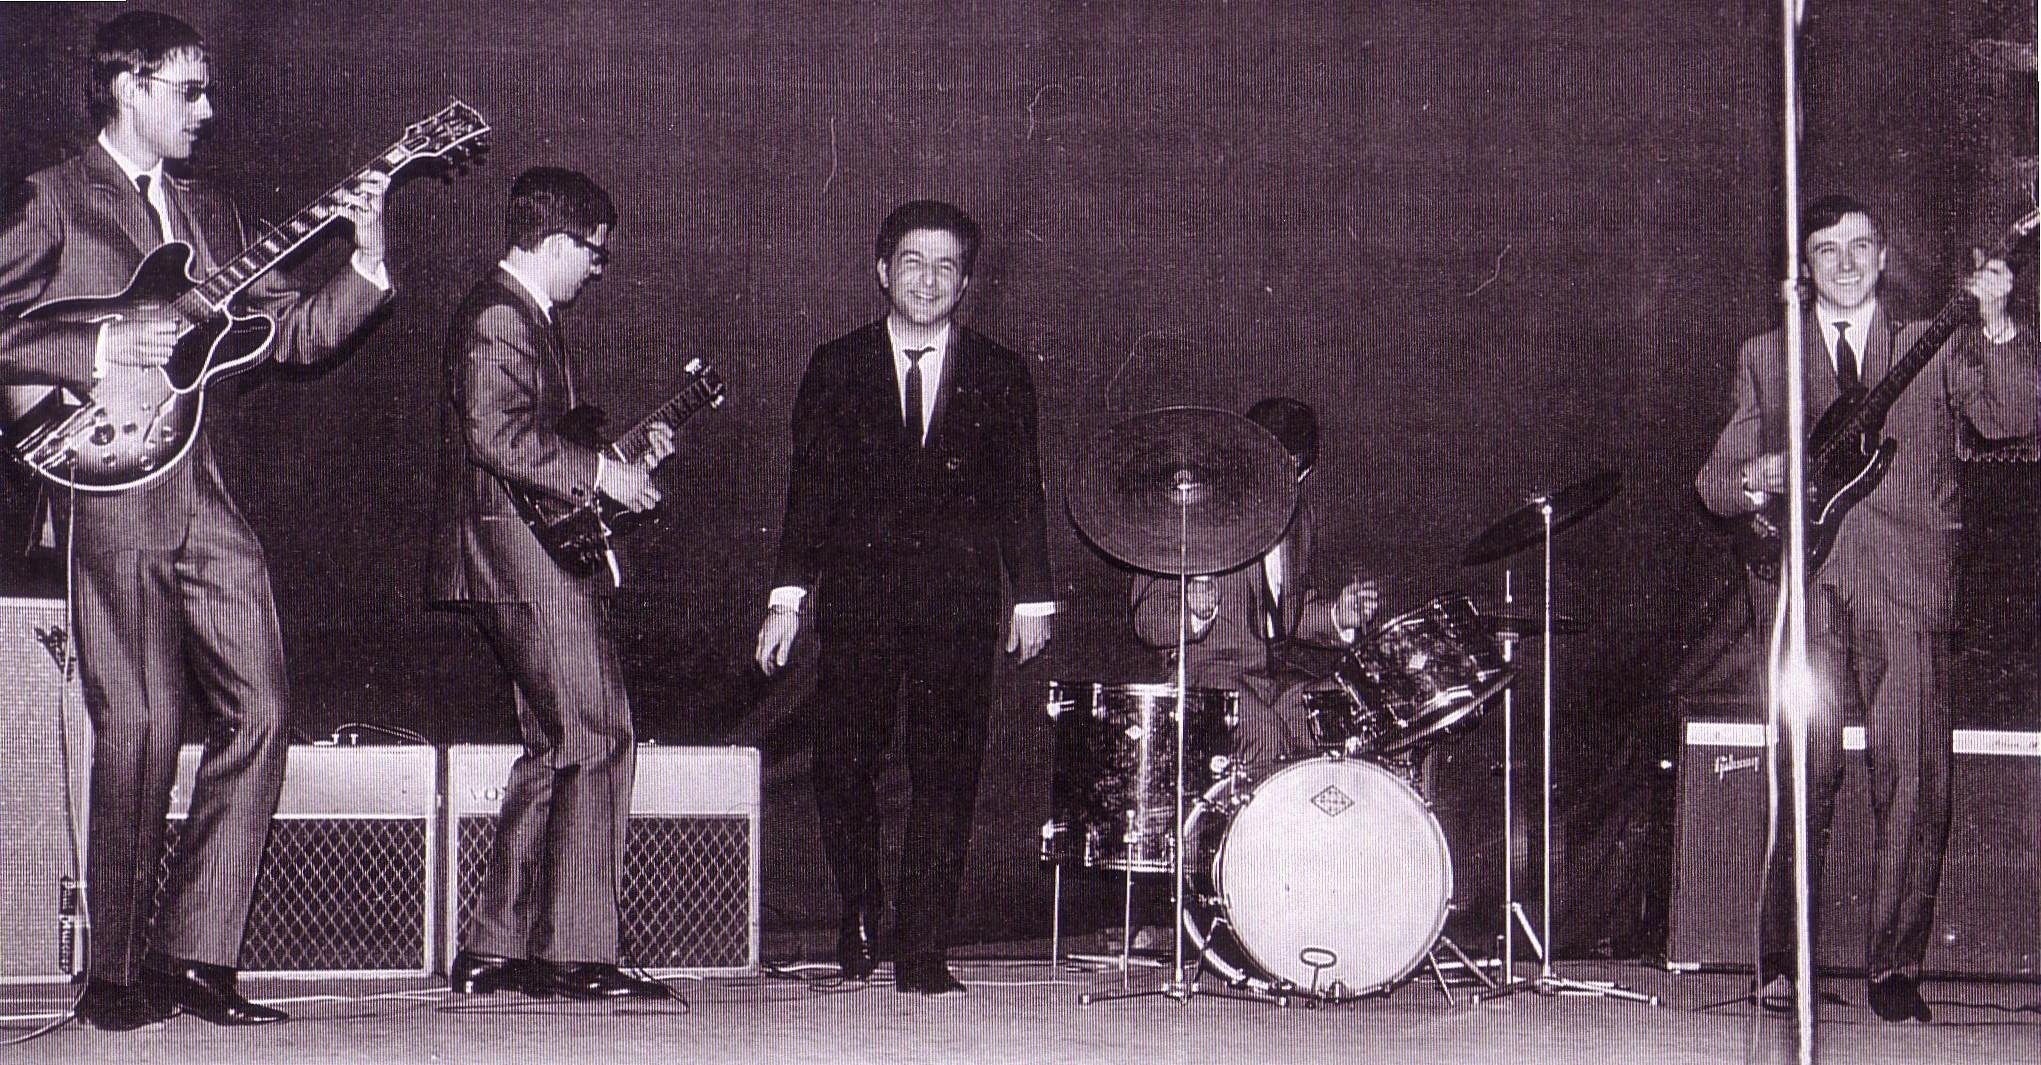 RICHARD ANTHONY BAYONNE 1964